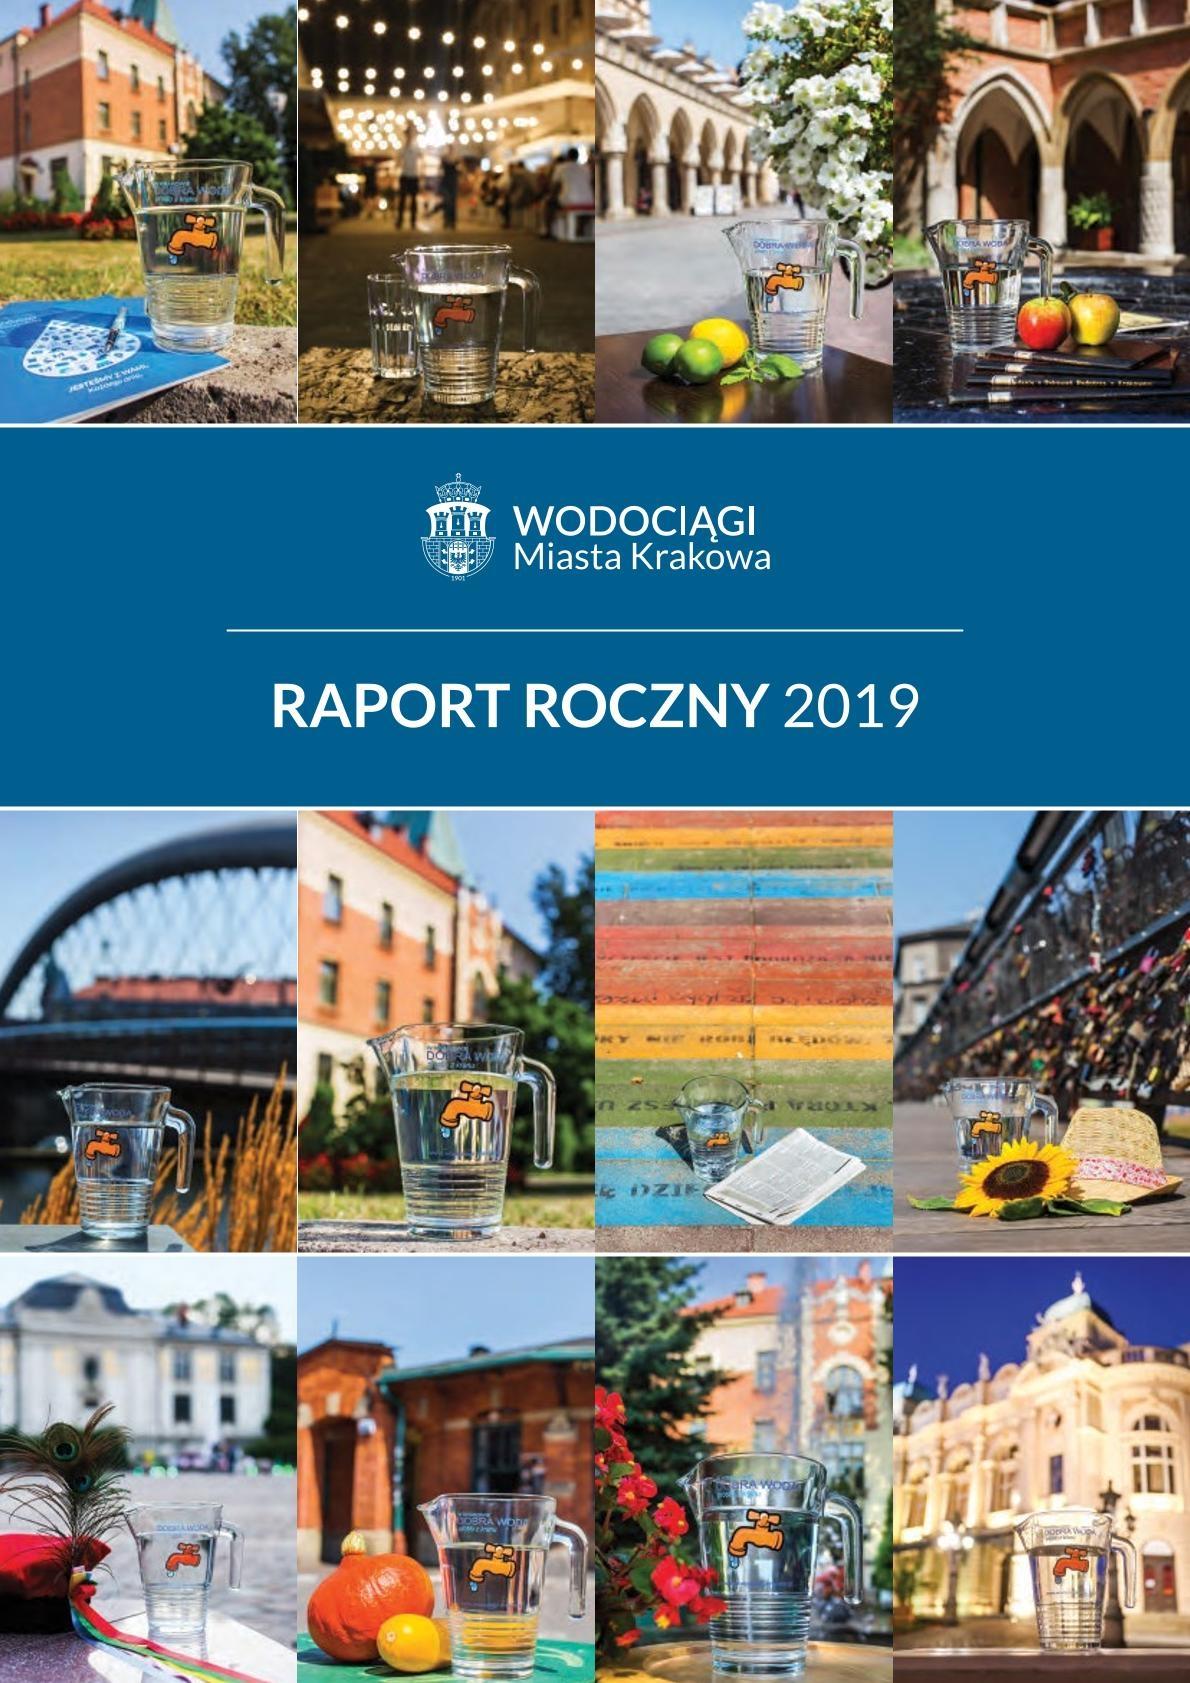 Tytuł: Zobacz raport - 2019 - poszczególne strony dostępne tylko po kliknieciu na link